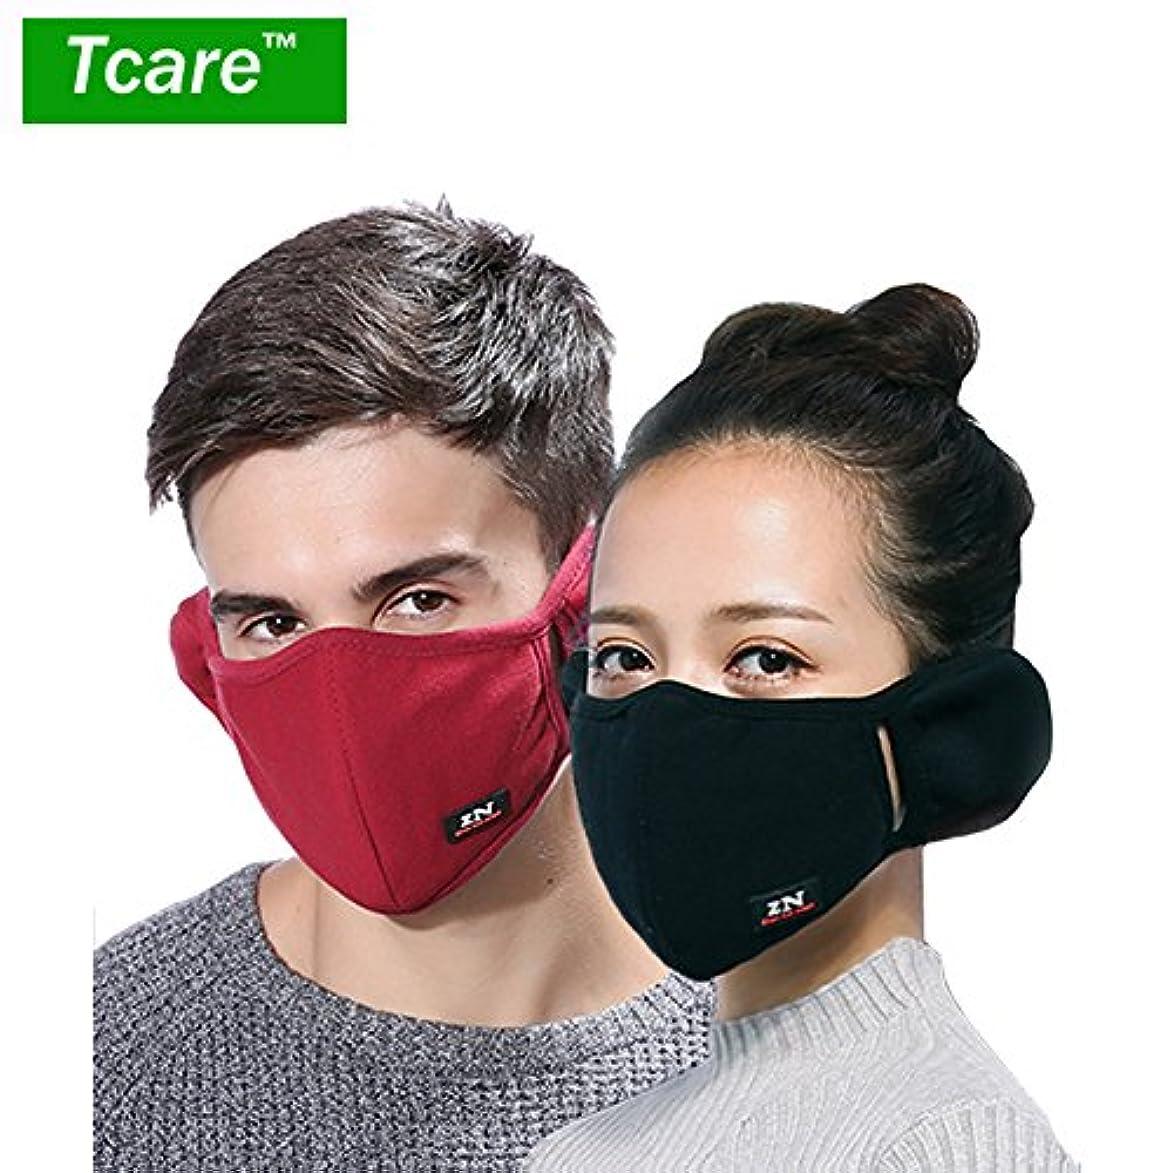 空いているフクロウ攻撃的男性女性の少年少女のためのTcare呼吸器2レイヤピュアコットン保護フィルター挿入口:7ブラック